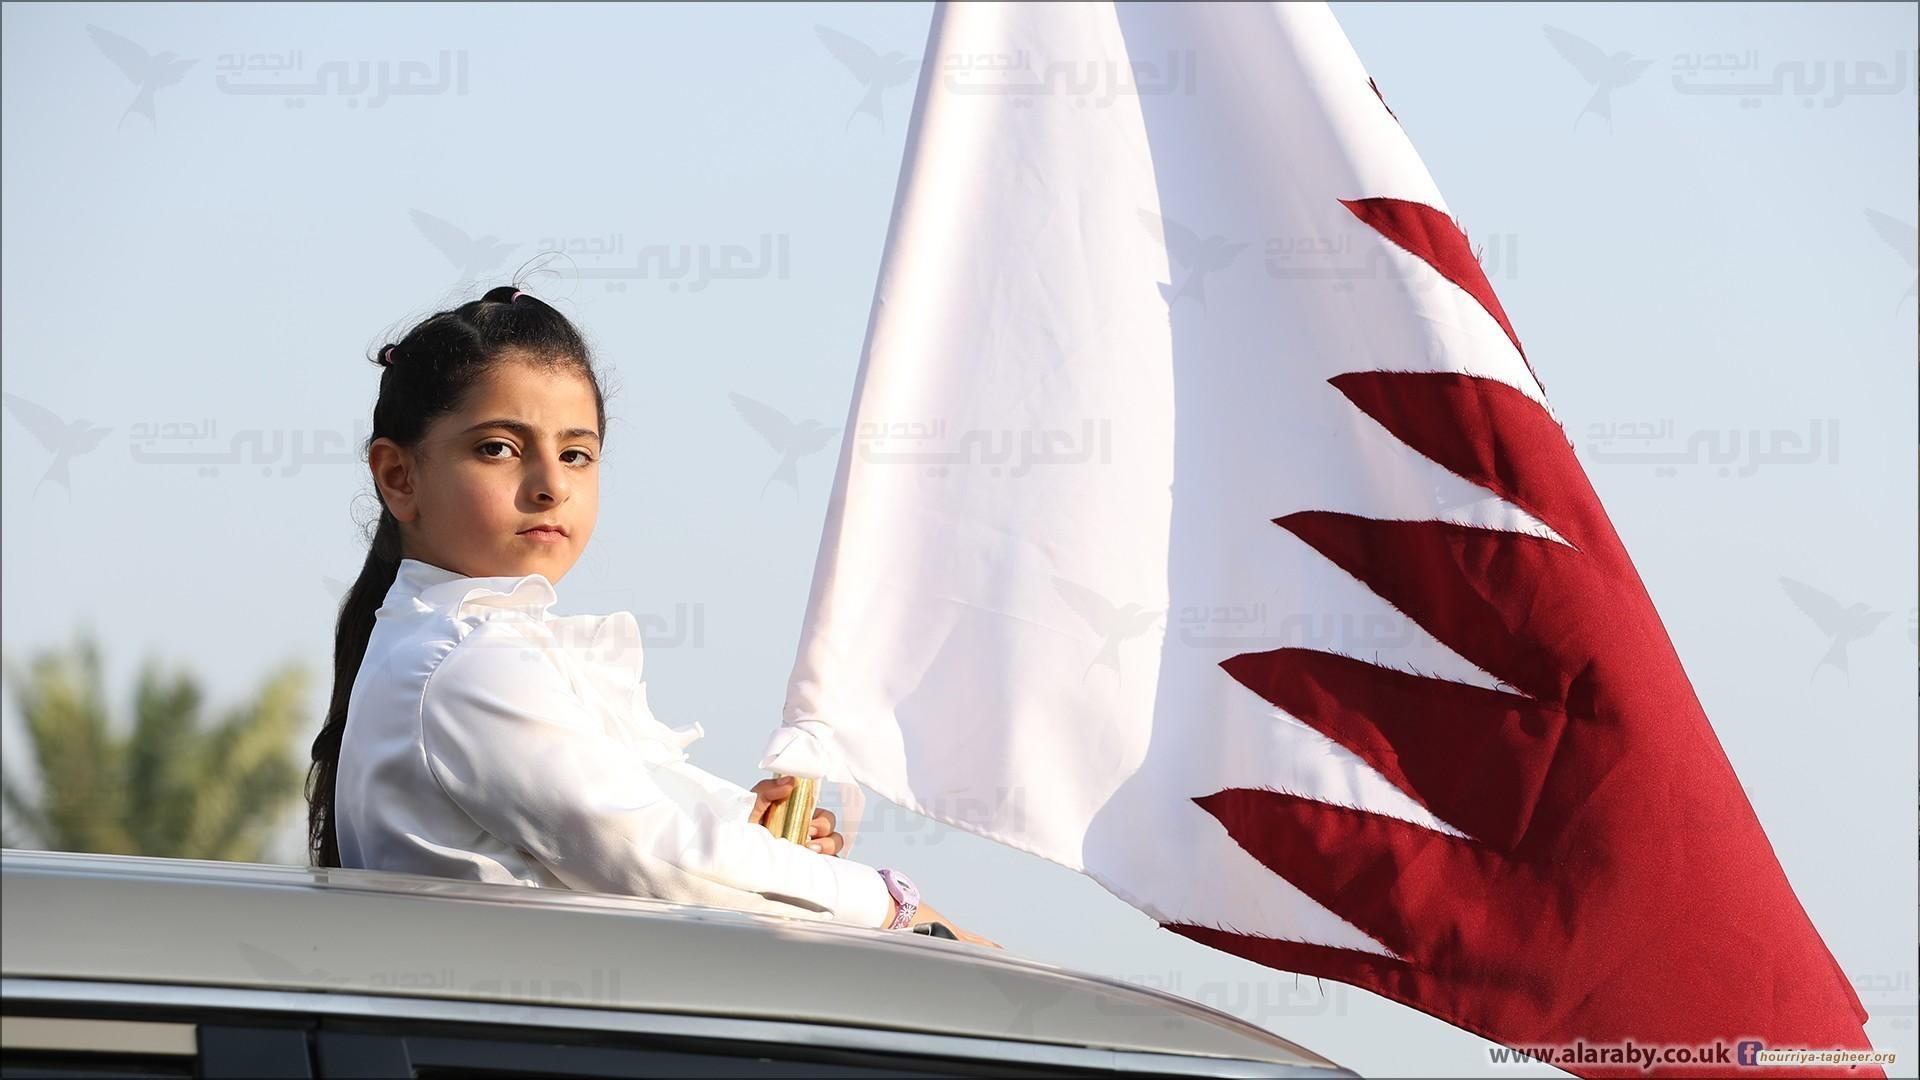 بلومبرج: إنهاء حصار قطر تم دون حل القضايا الخلافية.. لكن الجميع ربح